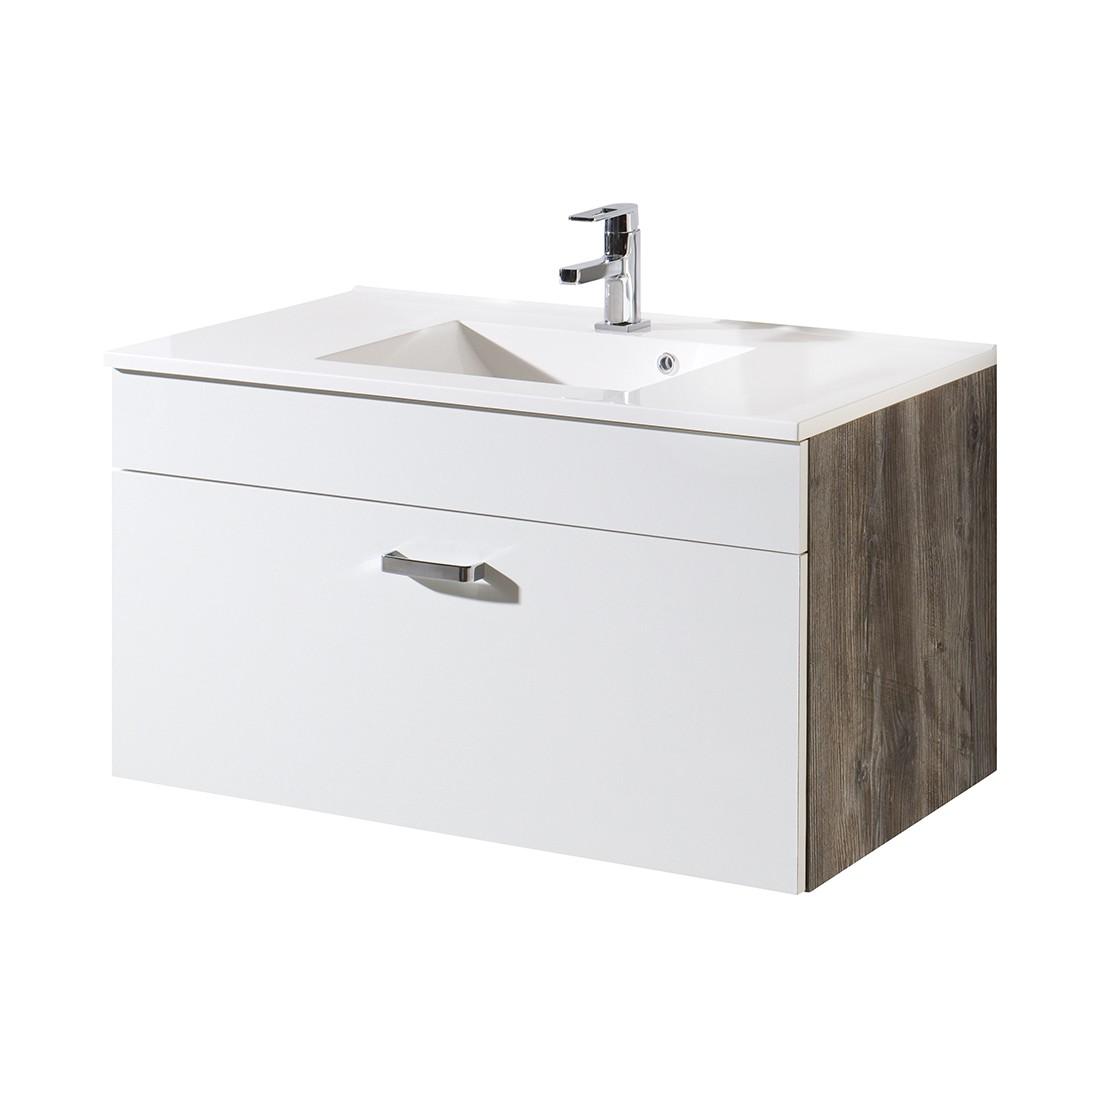 Waschtisch Turda II